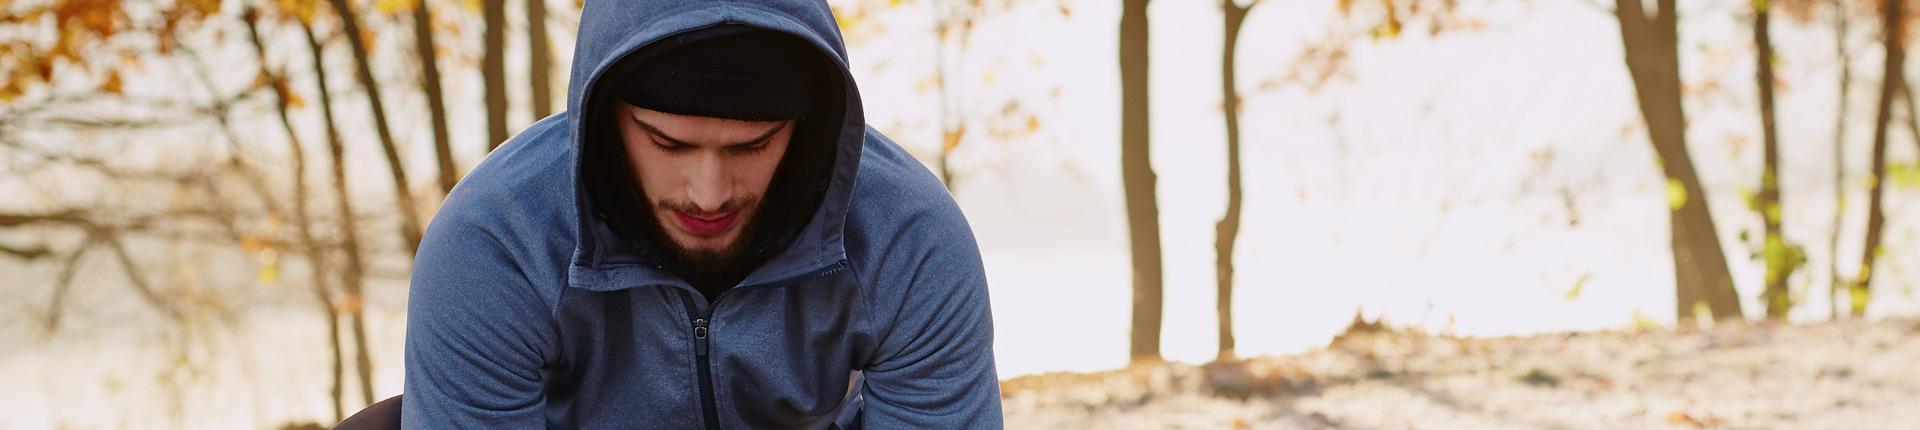 Czy trening w zimnie spala więcej tkanki tłuszczowej?